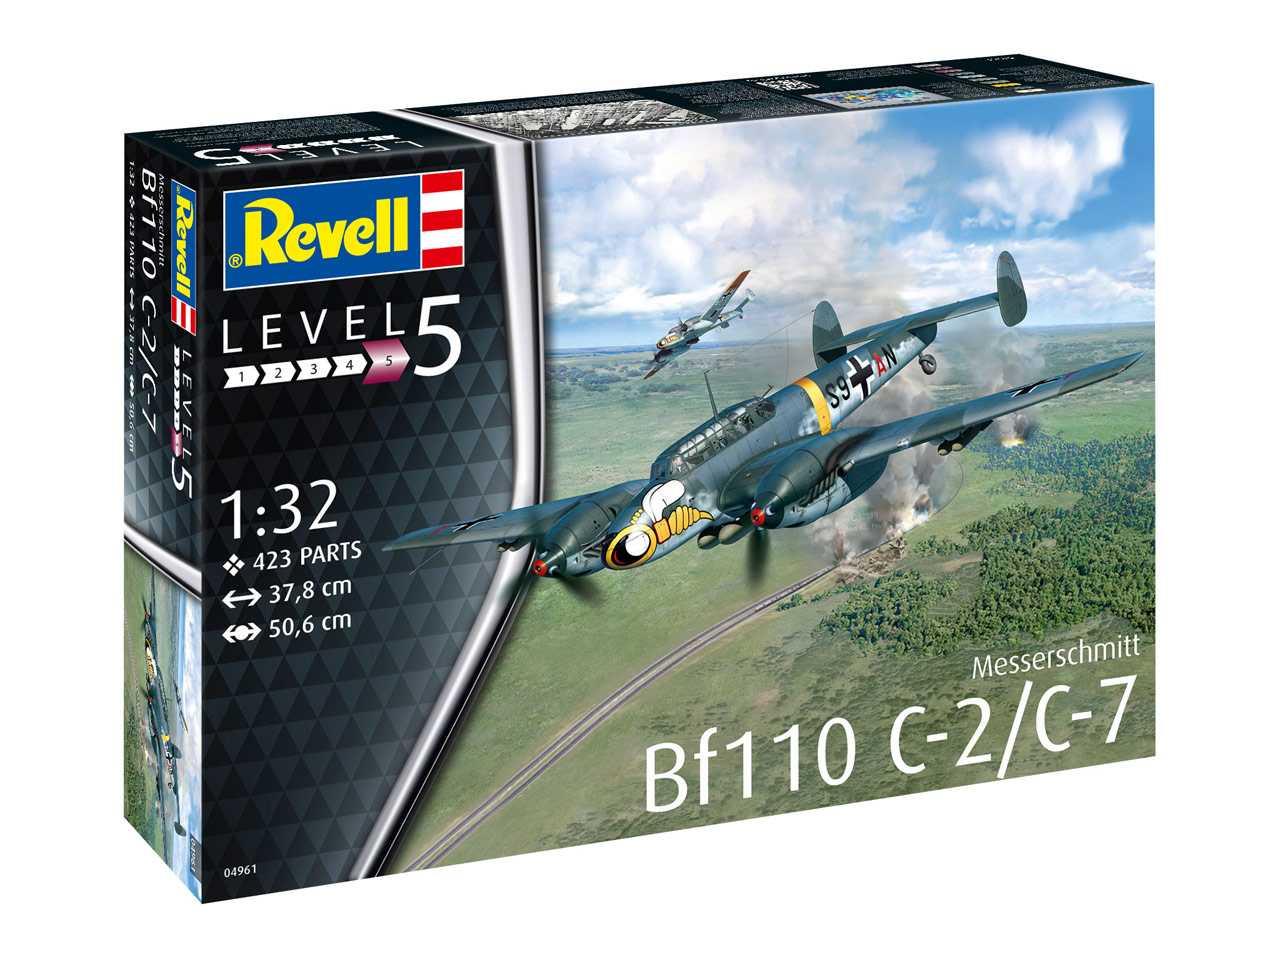 1:32 Messerschmitt Bf 110 C-2/C-7